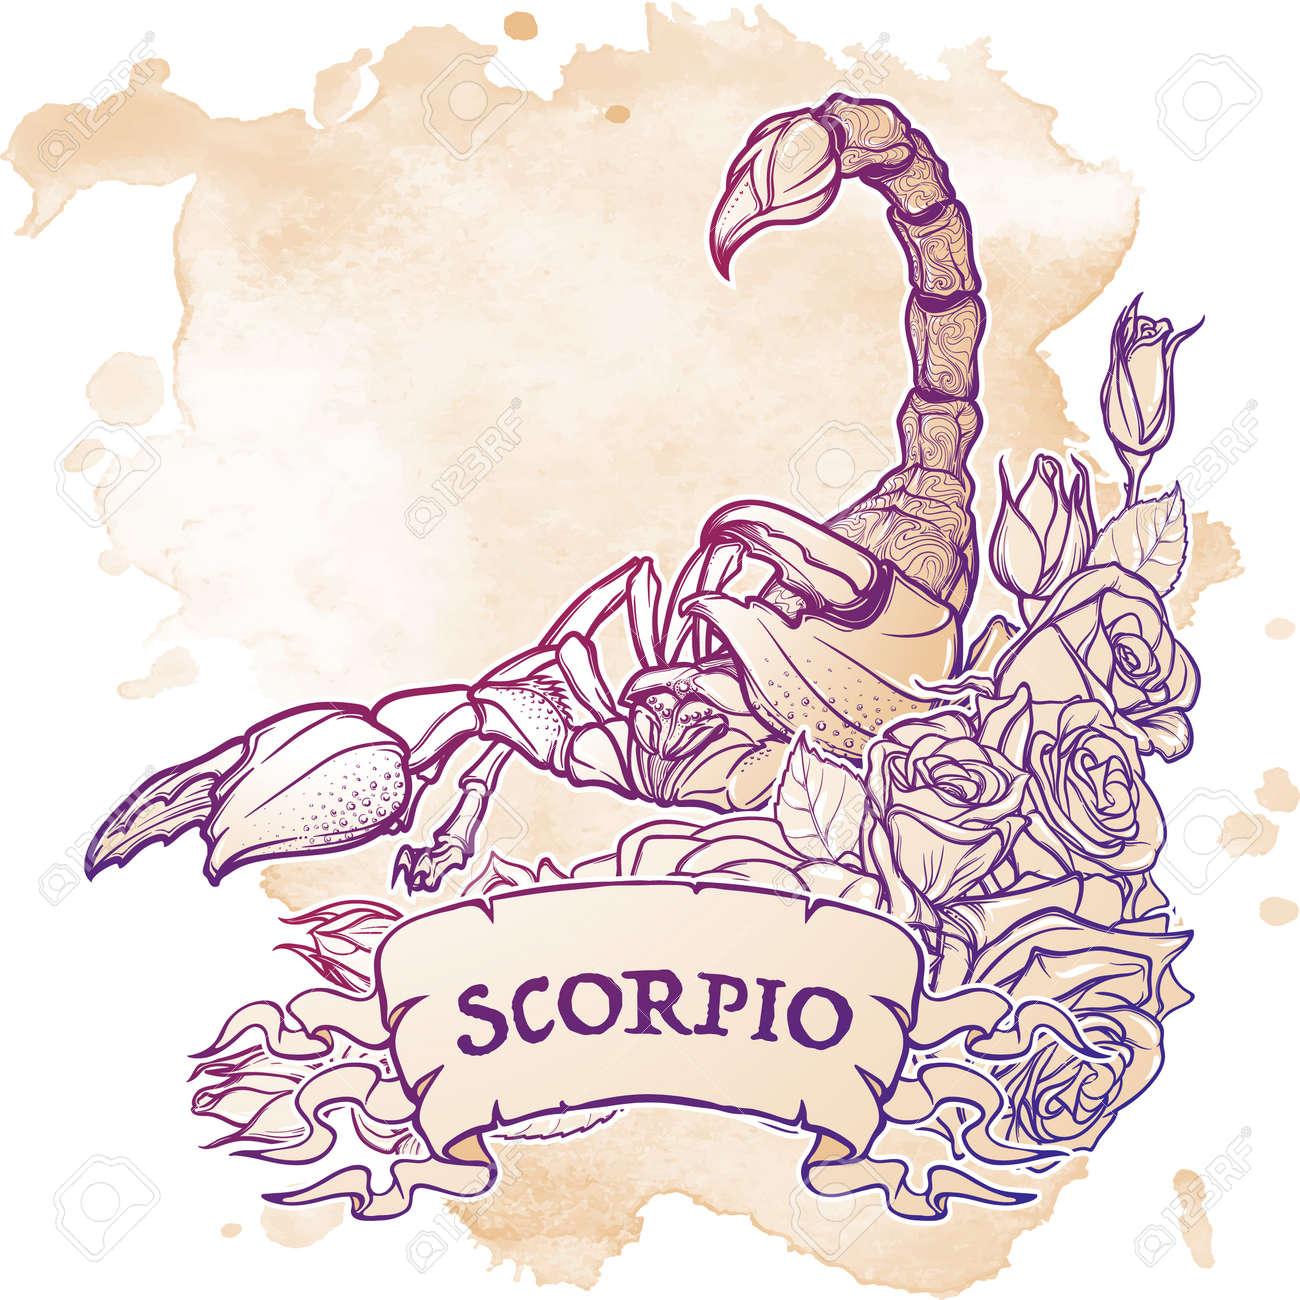 Signo Zodiacal Escorpio Escorpión Realista Detallada En Un Marco